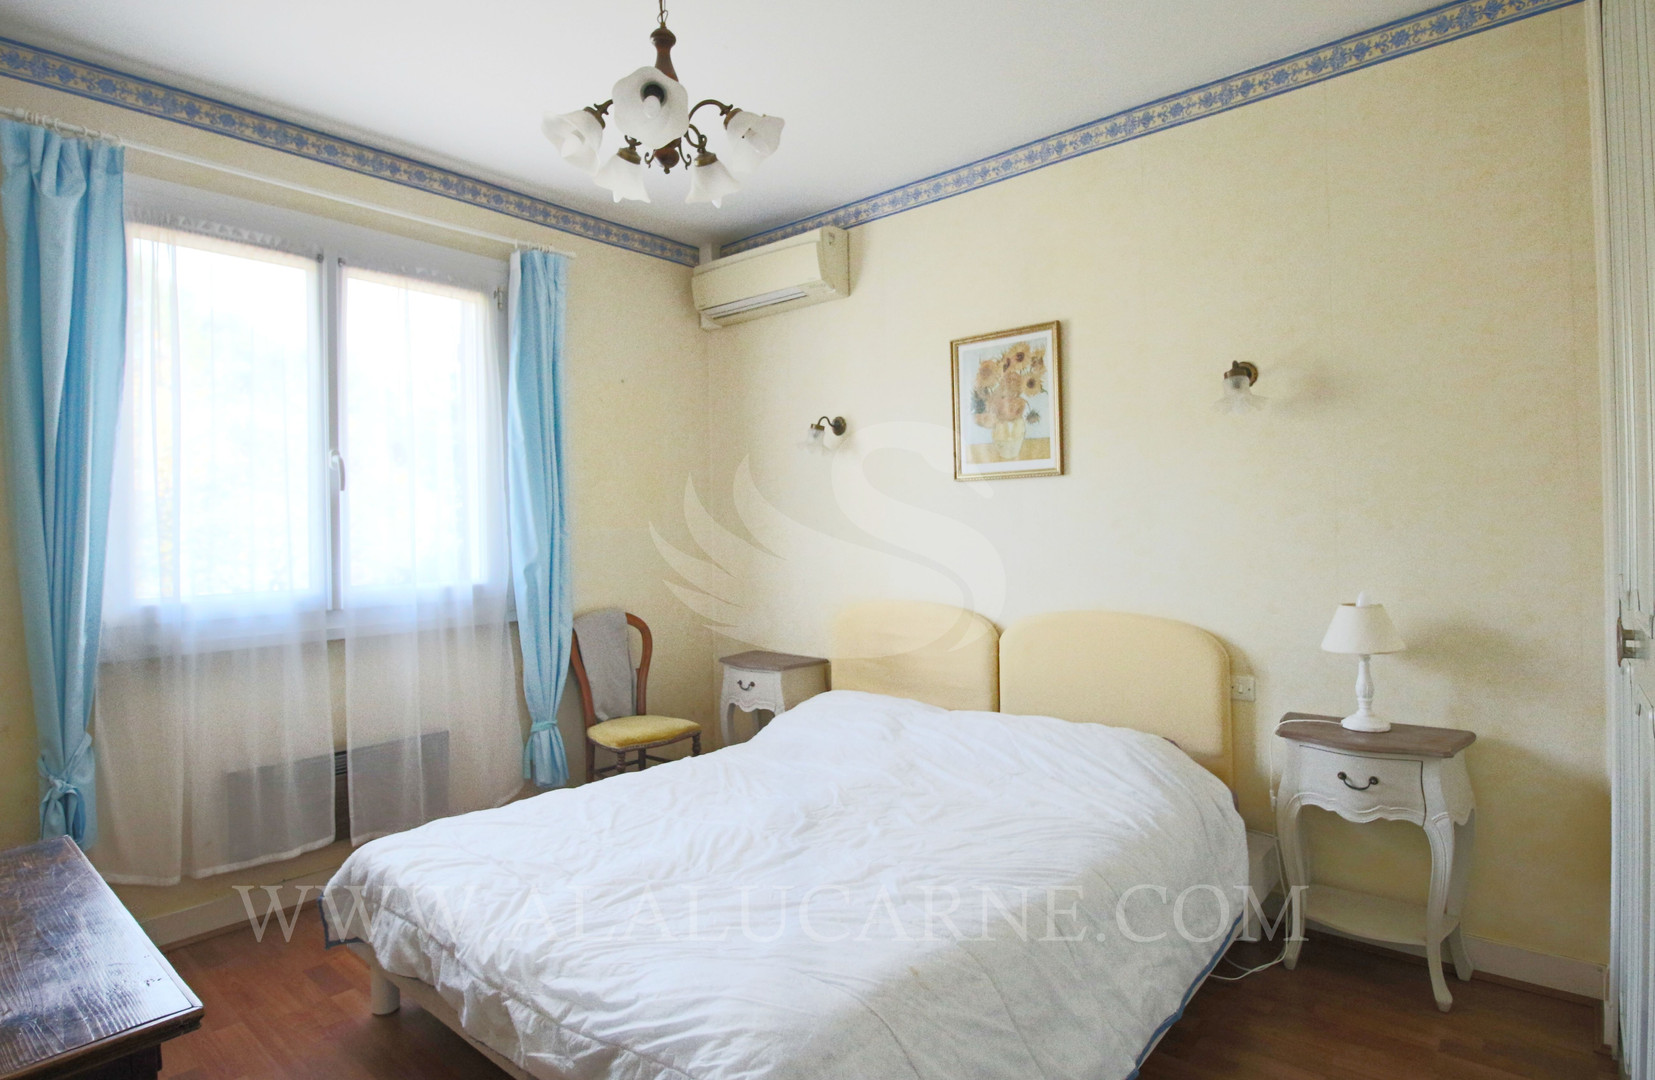 A_vendre_maison_avec_3_chambres_à_St_MÃ